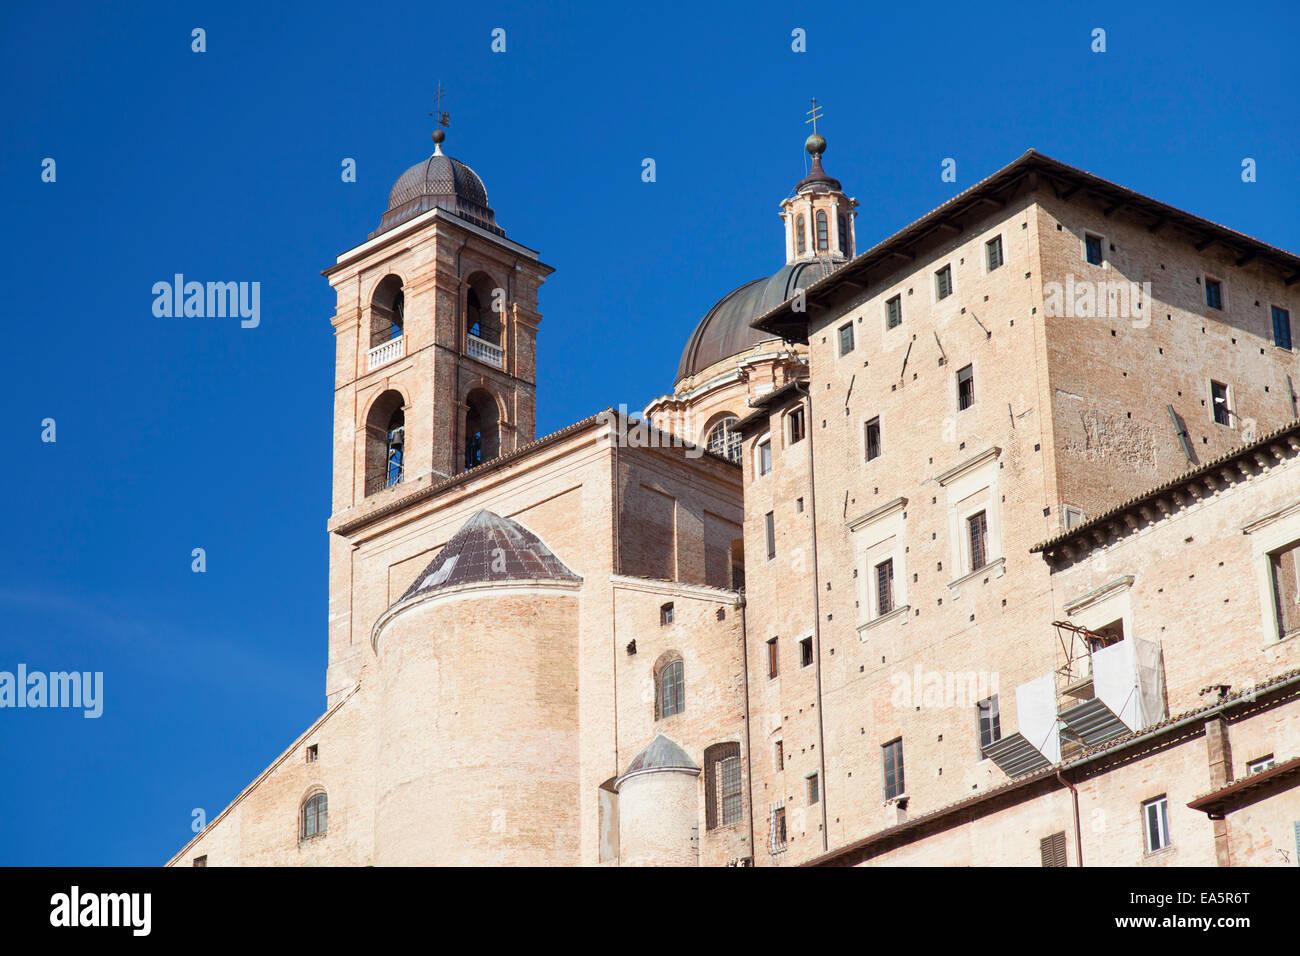 Palazzo Ducale, Urbino (UNESCO World Heritage Site), Le Marche, Italy Stock Photo